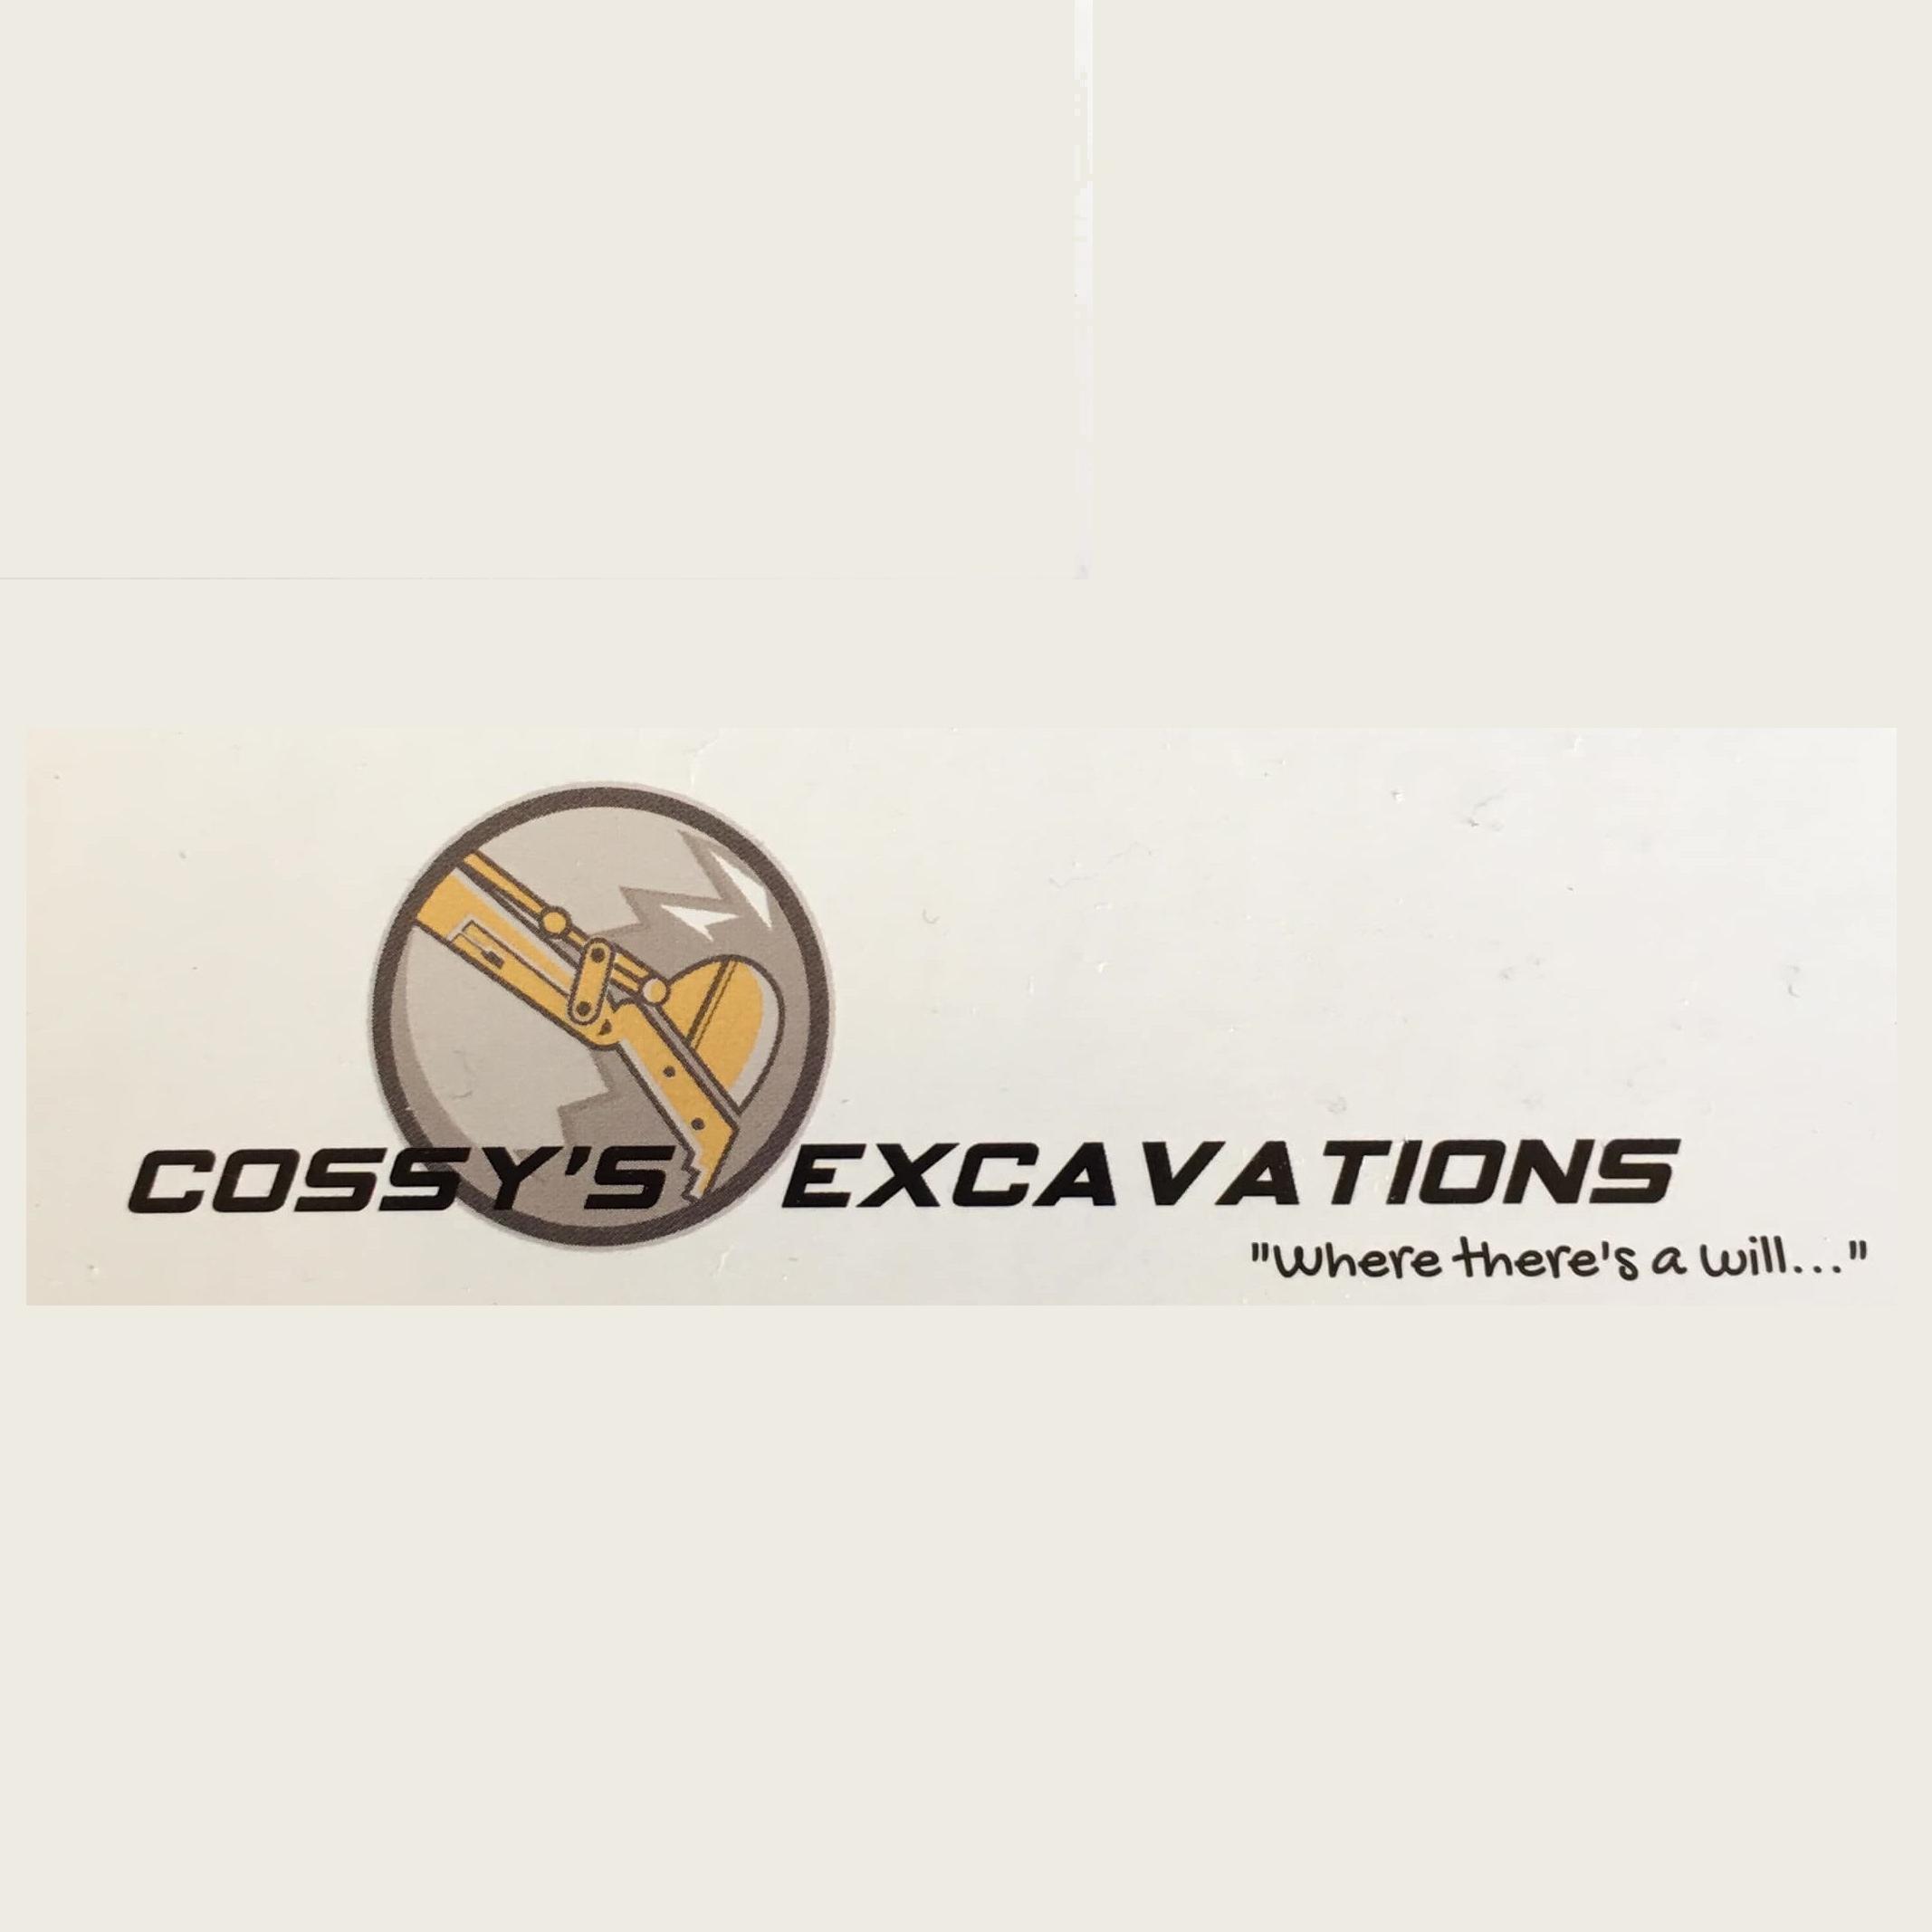 Cossy's Excavations